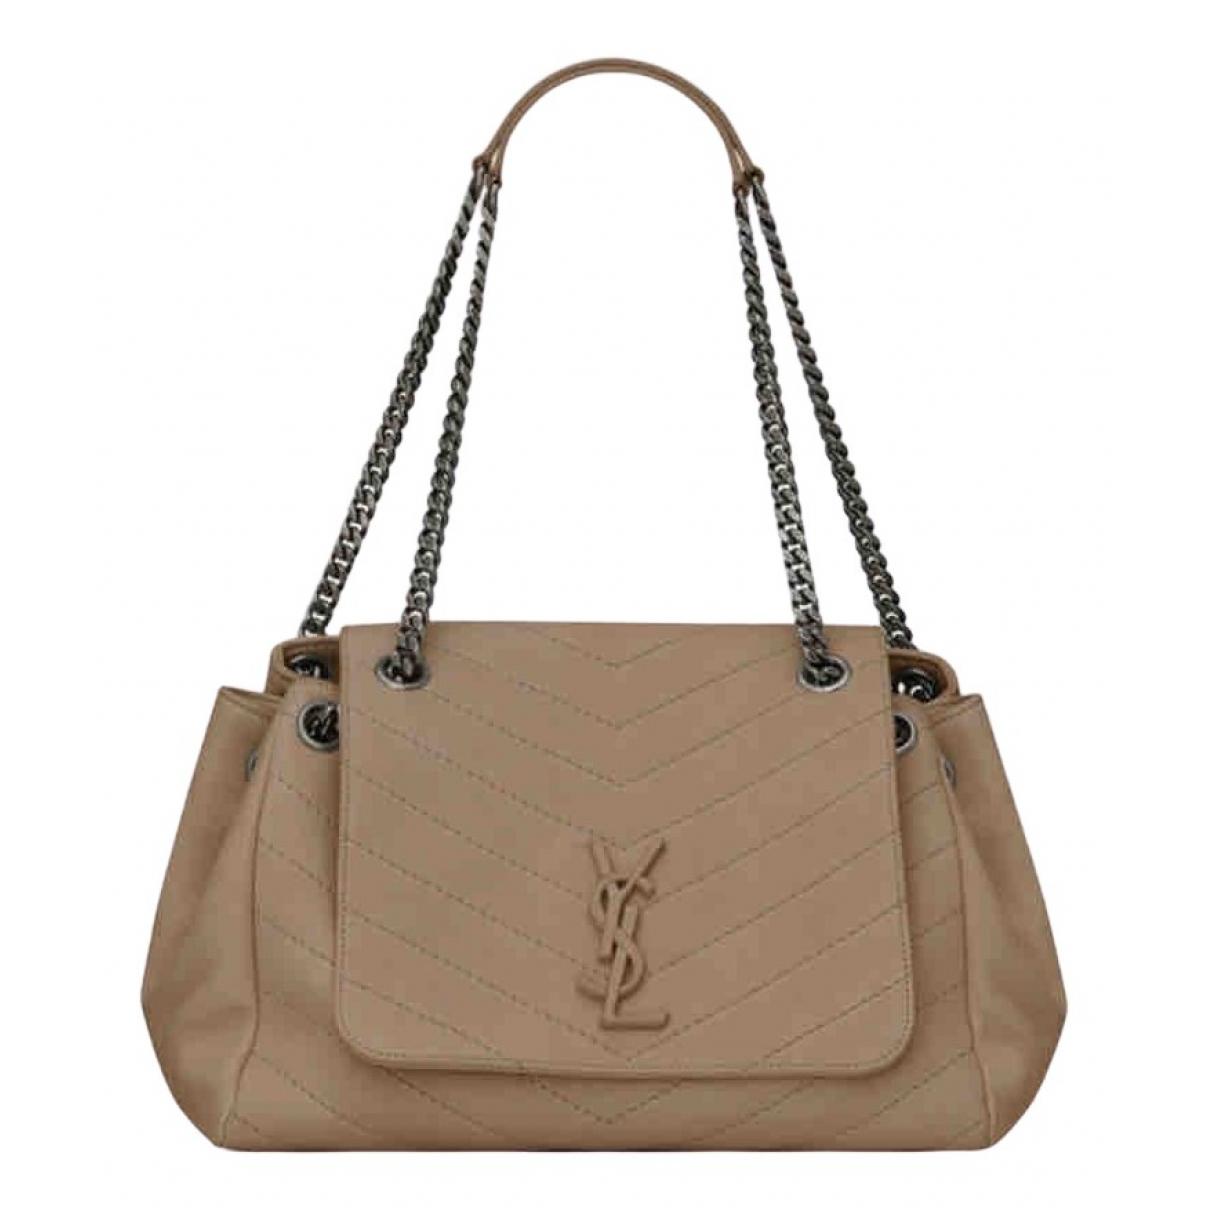 Saint Laurent Nolita Beige Leather handbag for Women \N